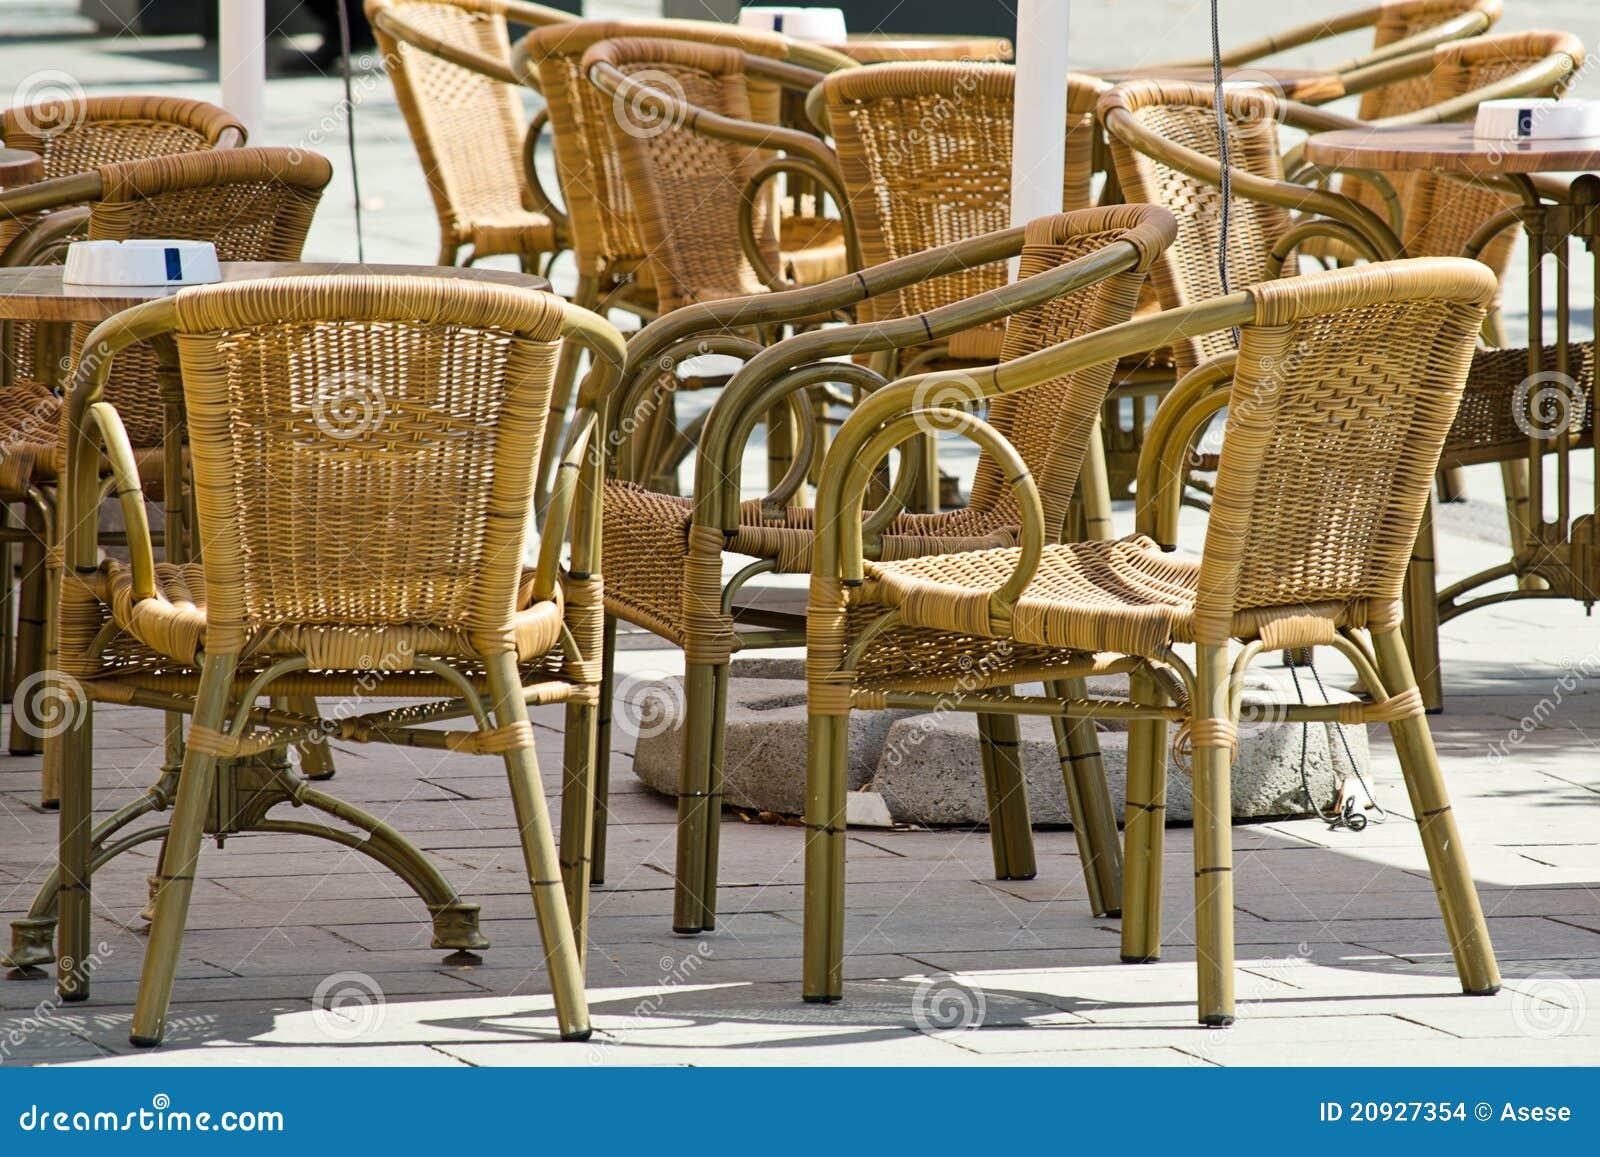 Muebles De Ratan En Terraza Imagenes de archivo - Imagen: 20927354